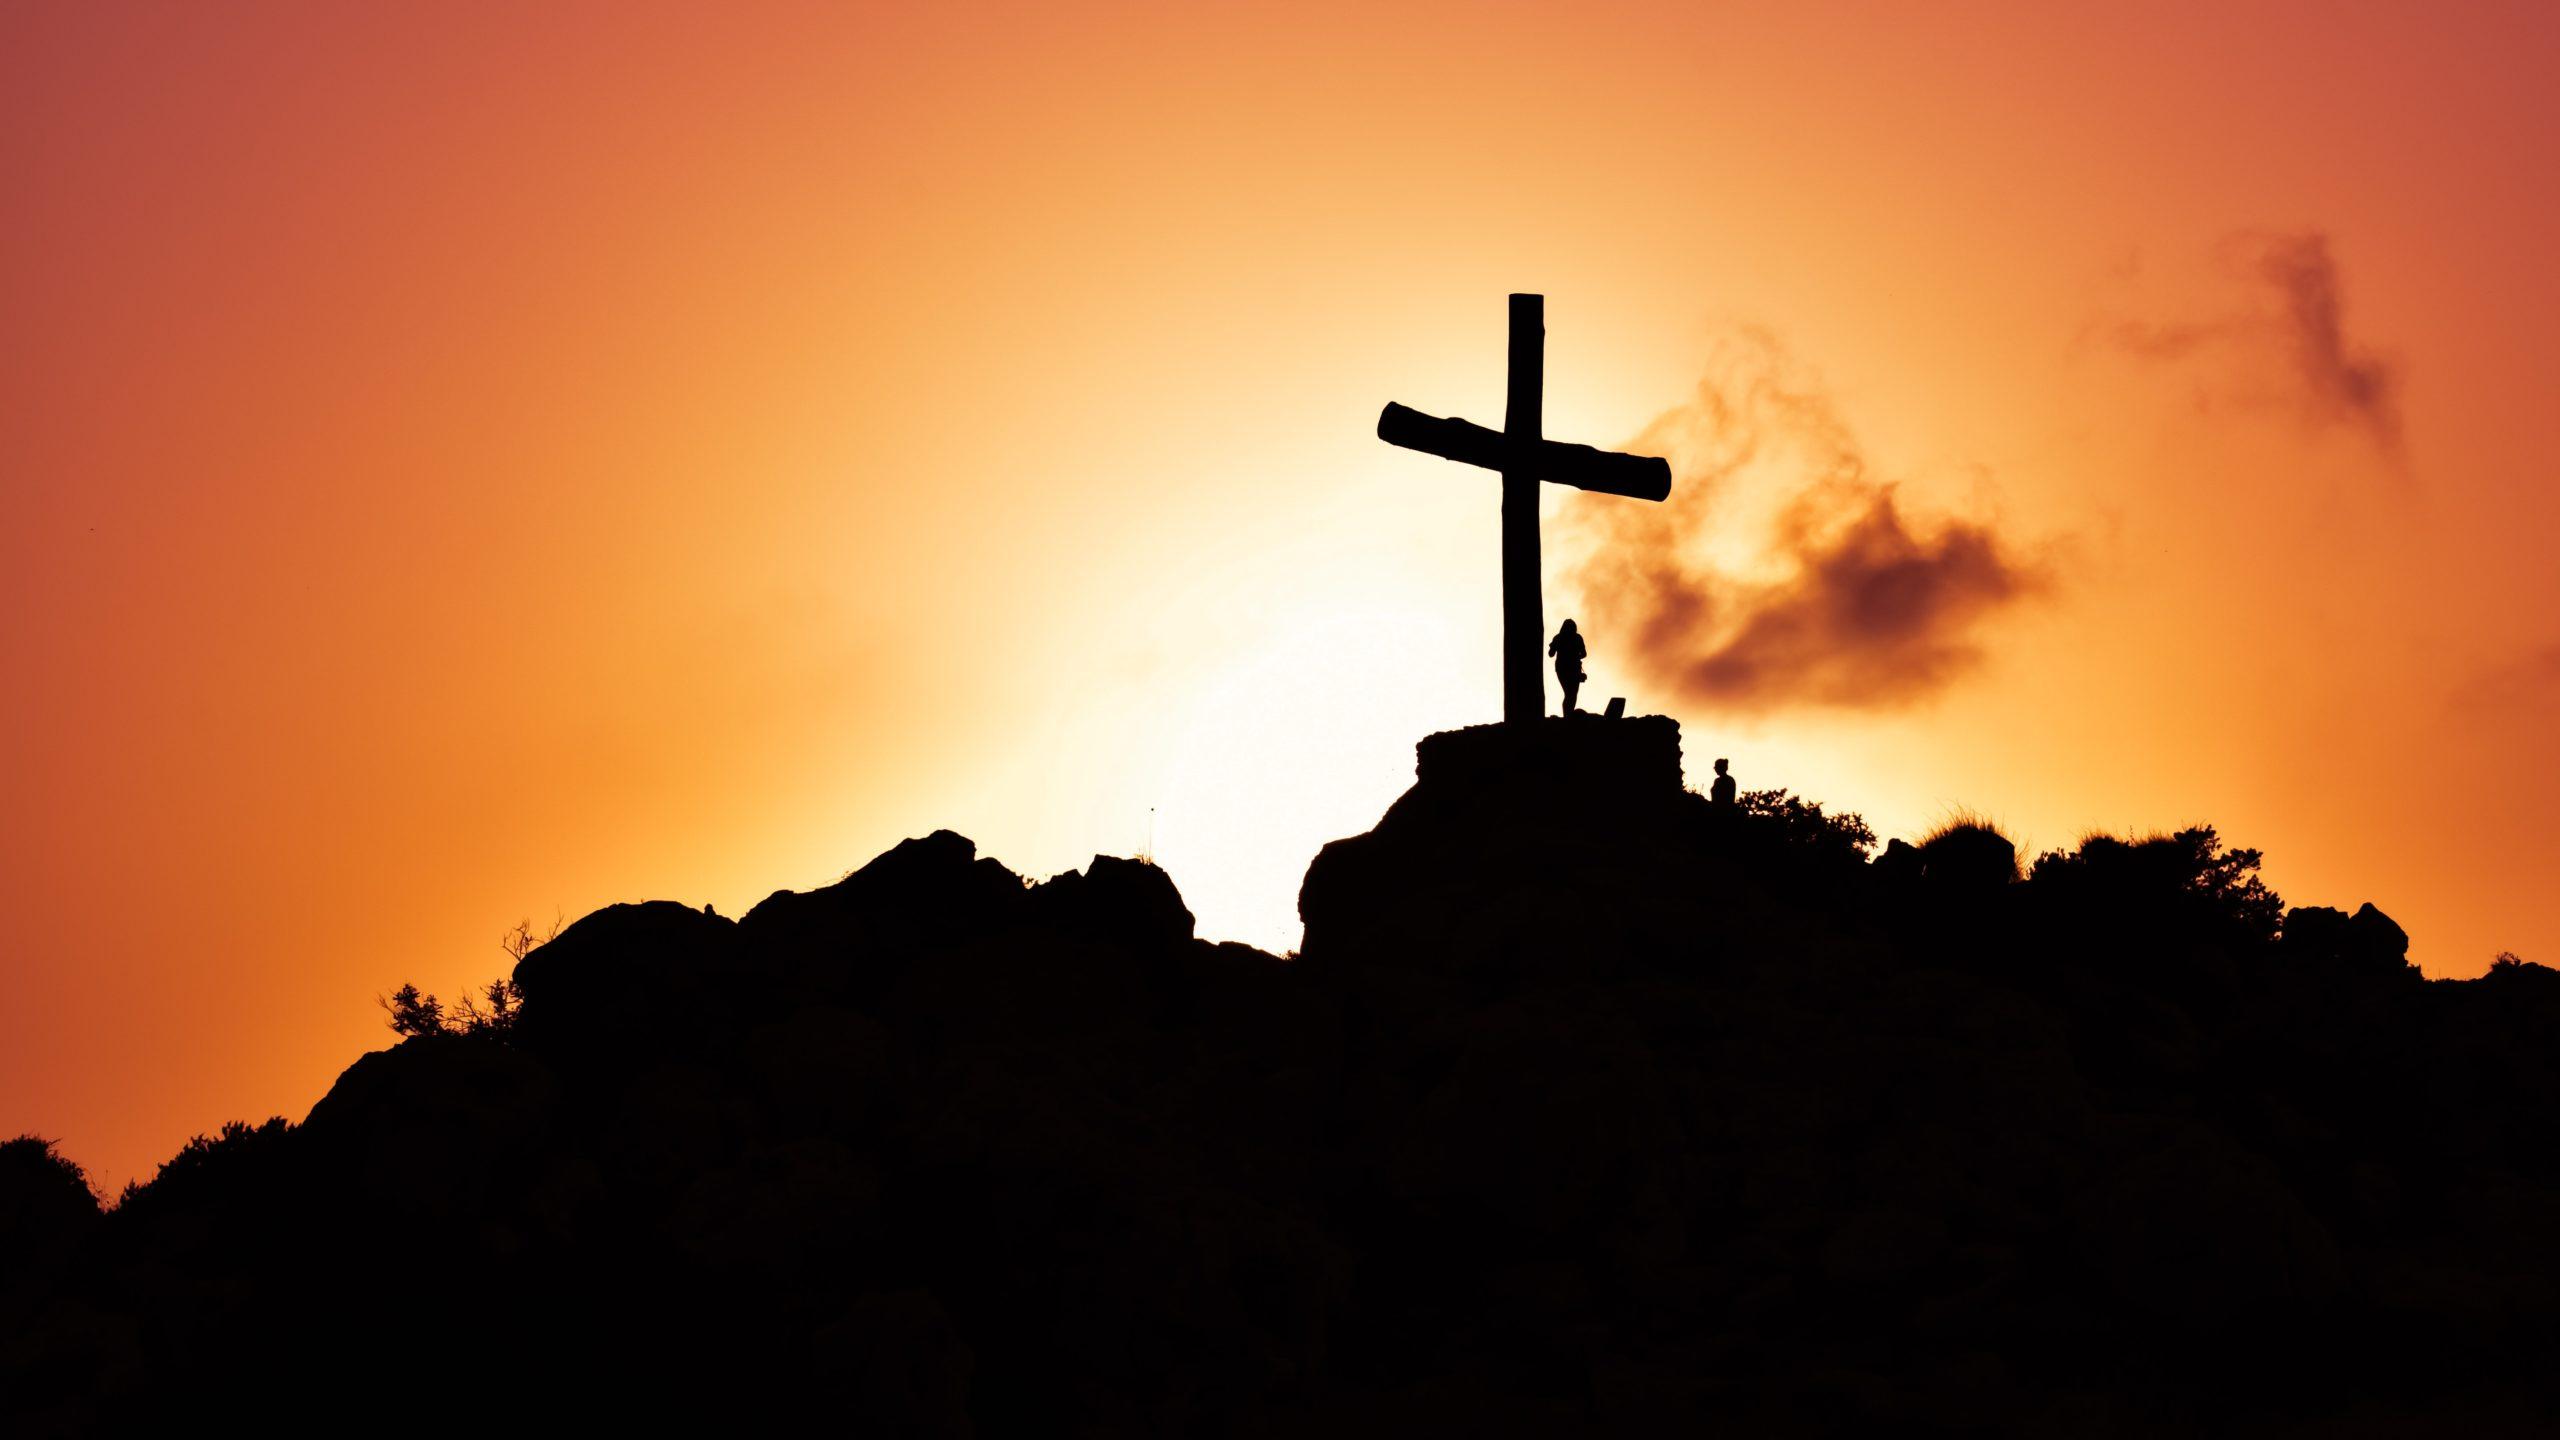 El viernes, la Cruz y el Evangelio